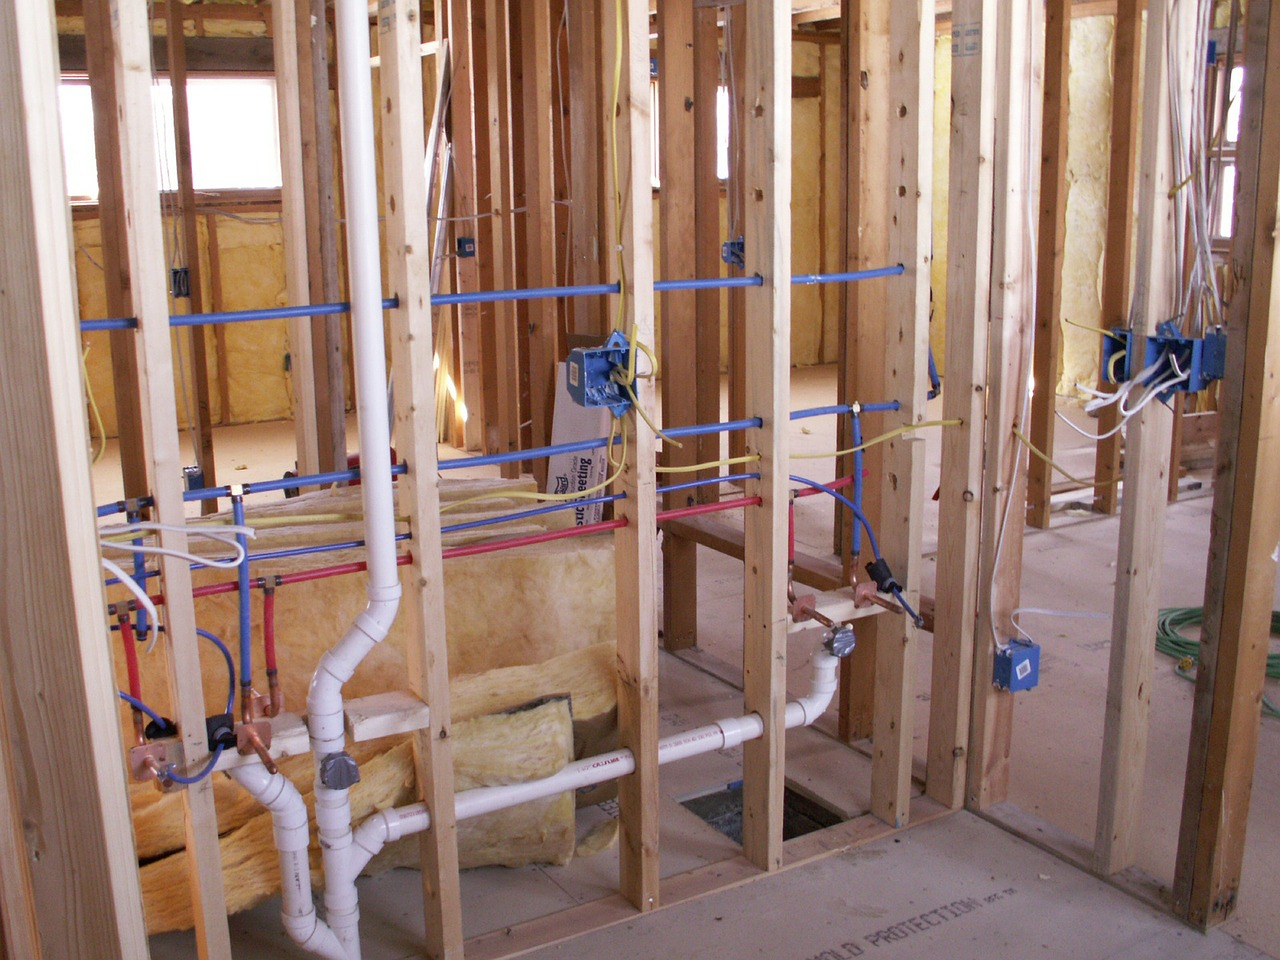 construction-273291_1280.jpg